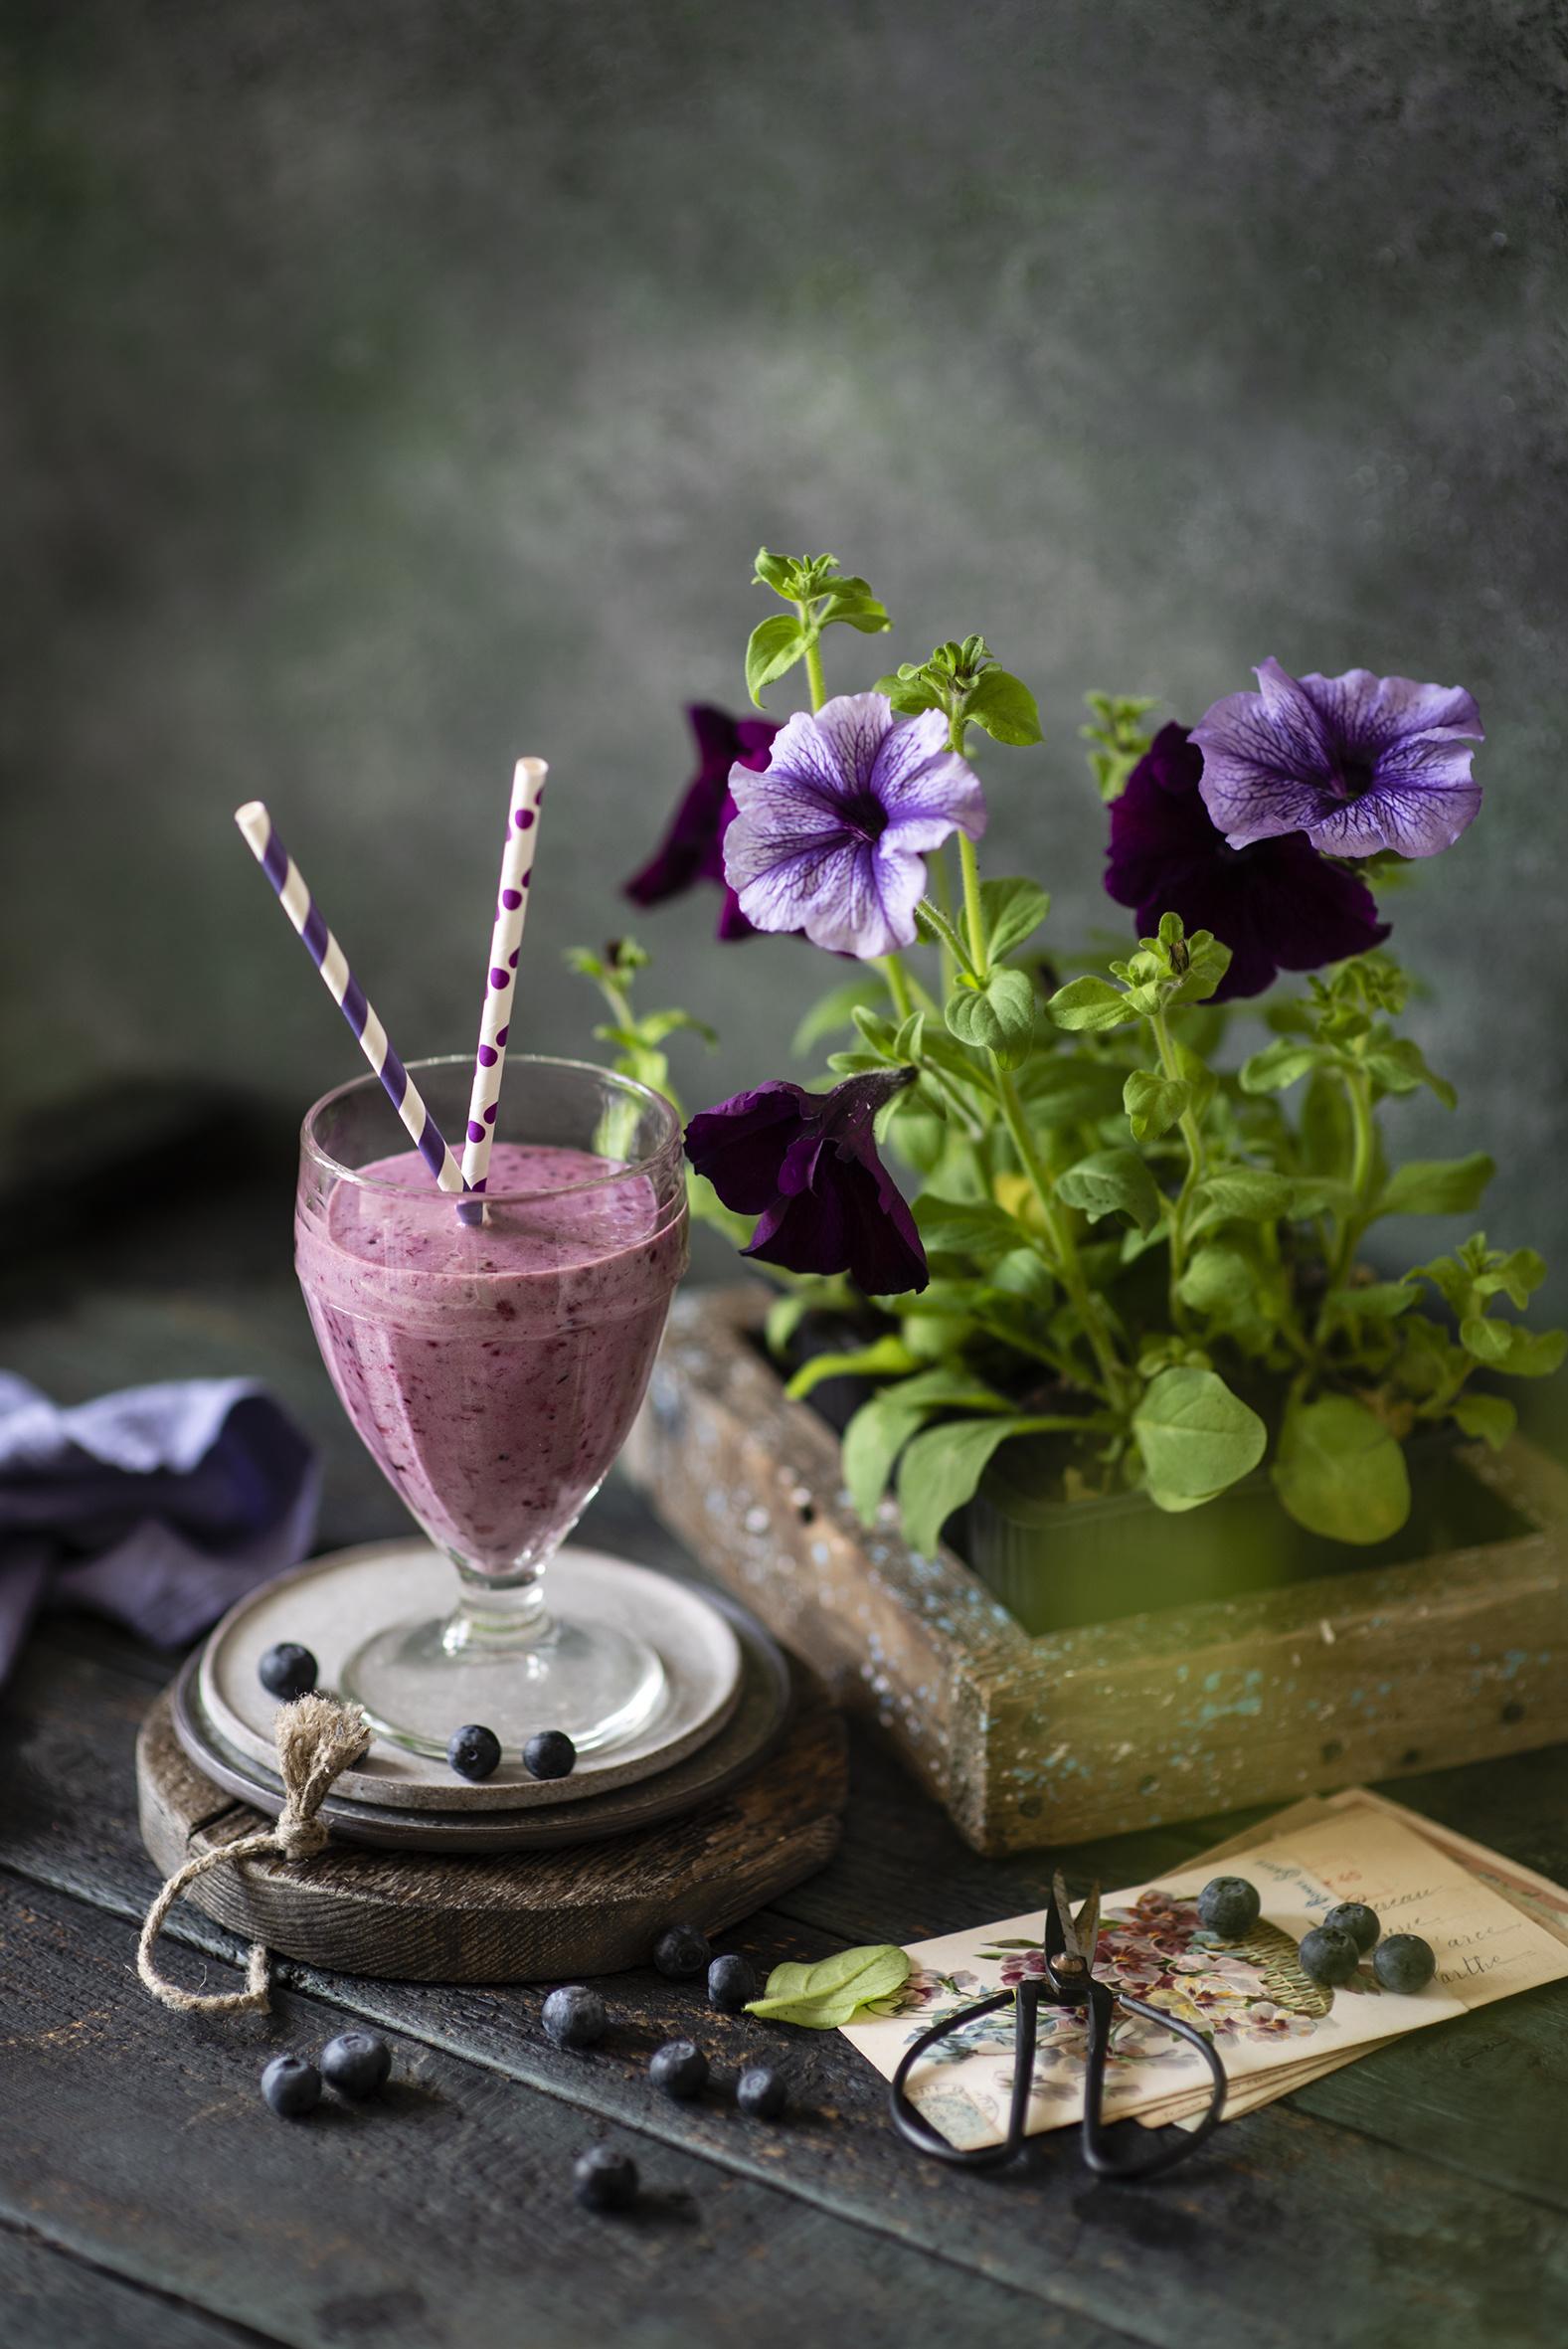 Фото Смузи Цветы Петунья Черника бокал Продукты питания Натюрморт  для мобильного телефона цветок петуния Еда Пища Бокалы